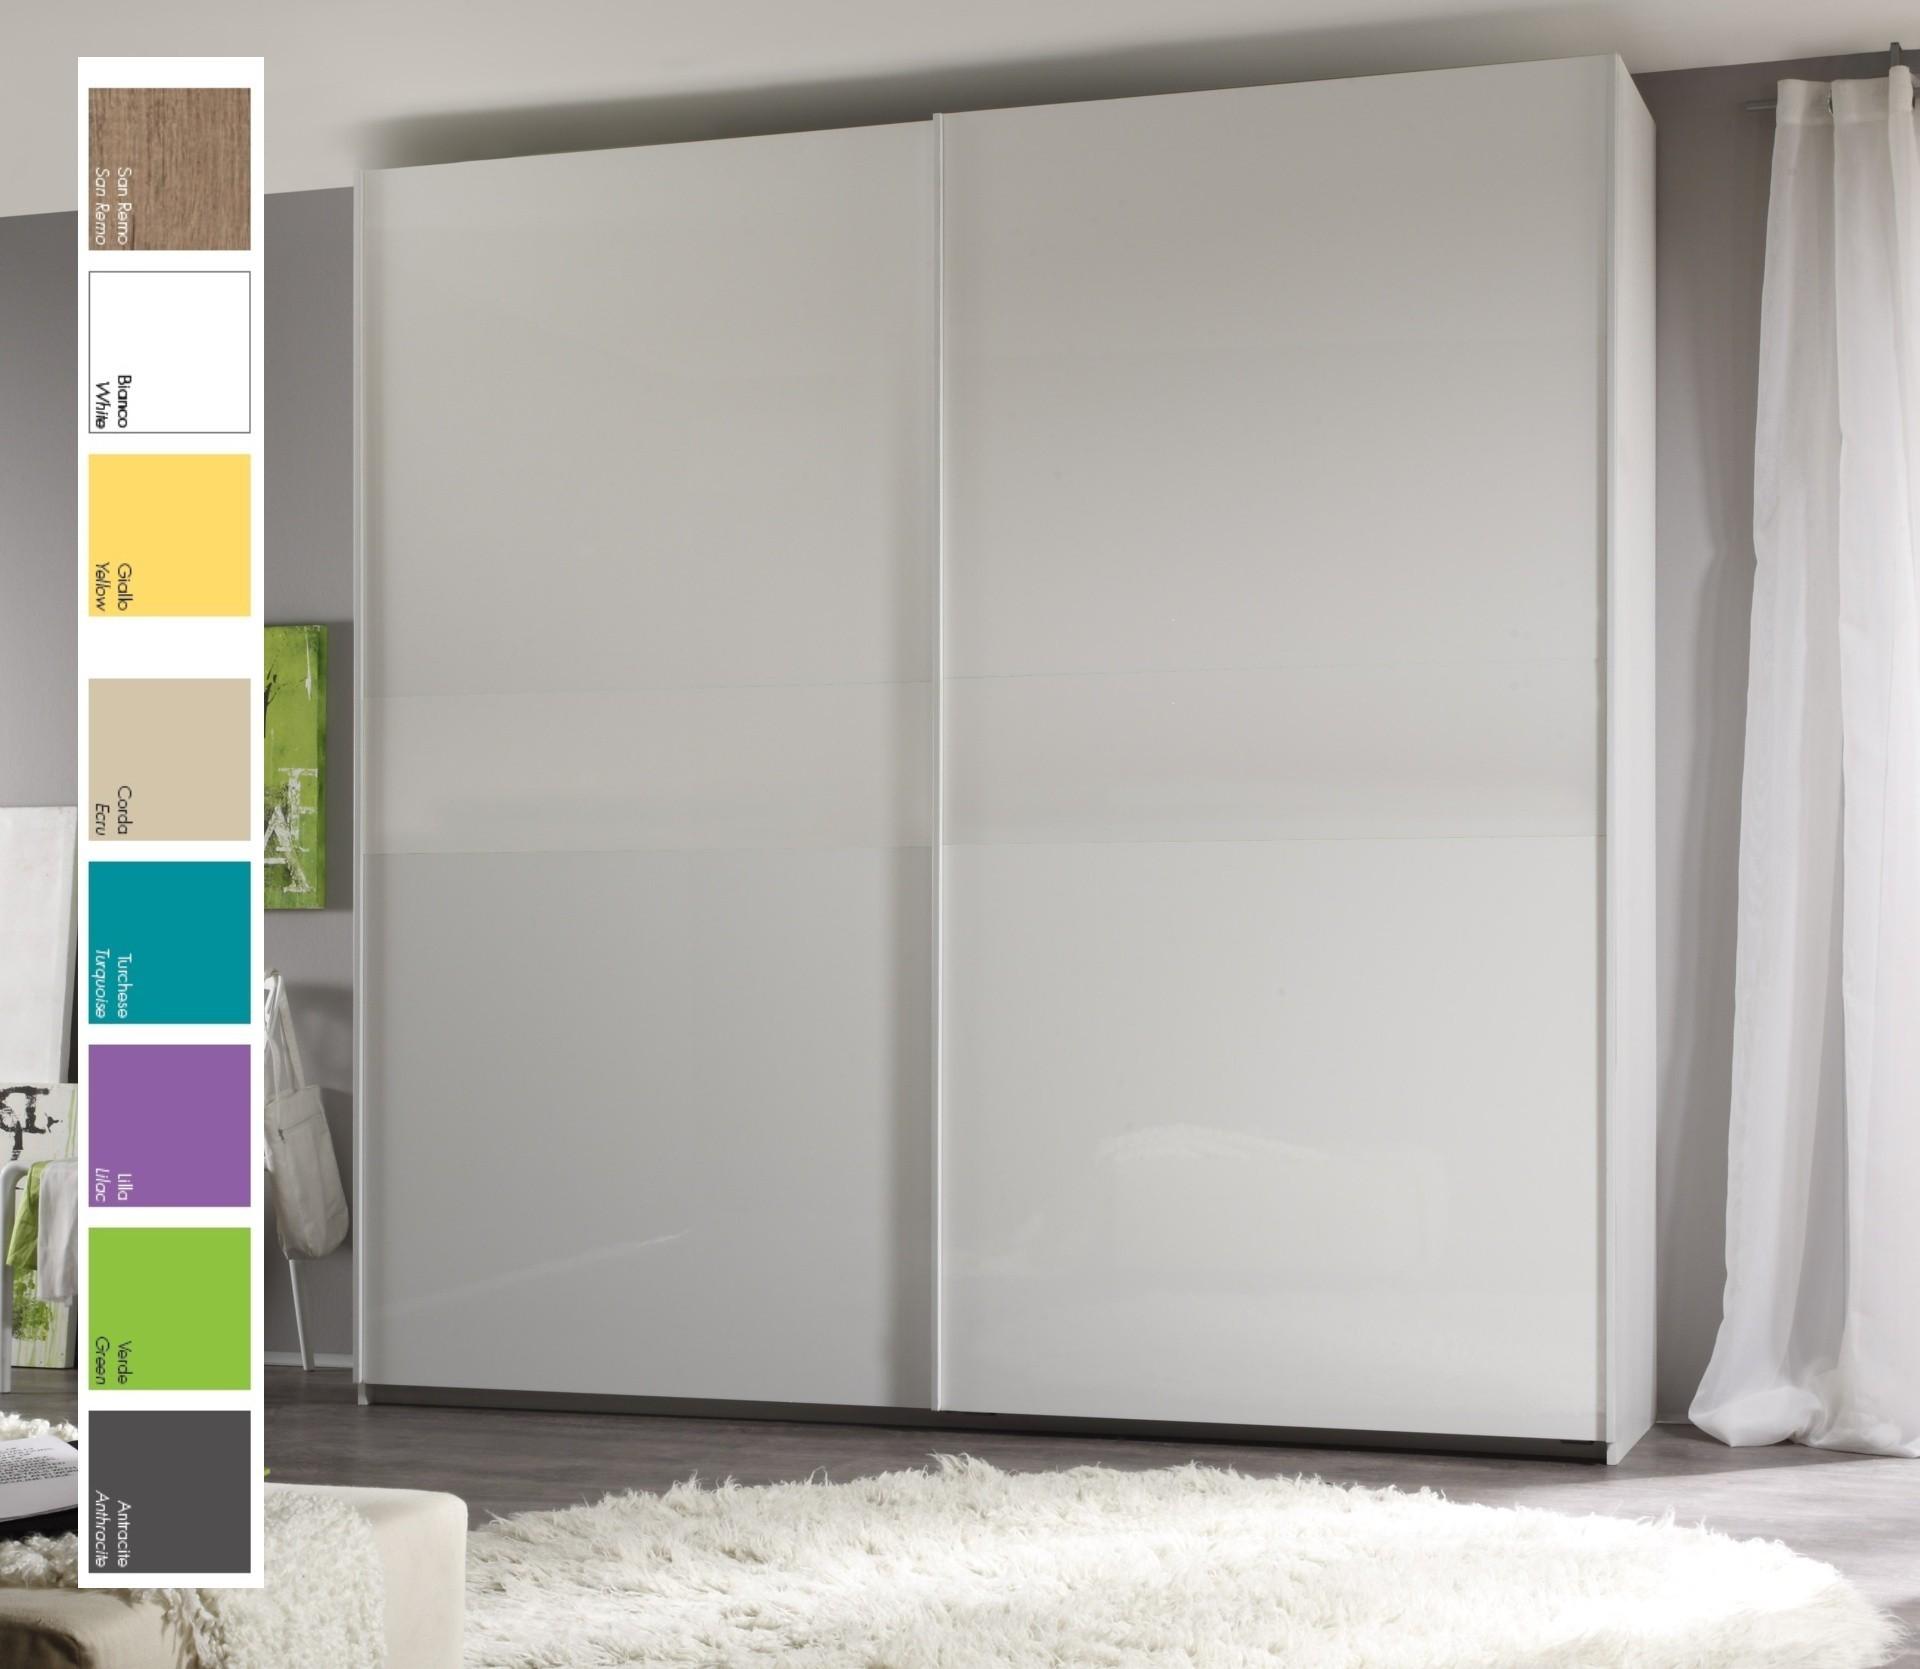 armoire modernes et design toutes dimensions 8 coloris 3 dimensions. Black Bedroom Furniture Sets. Home Design Ideas